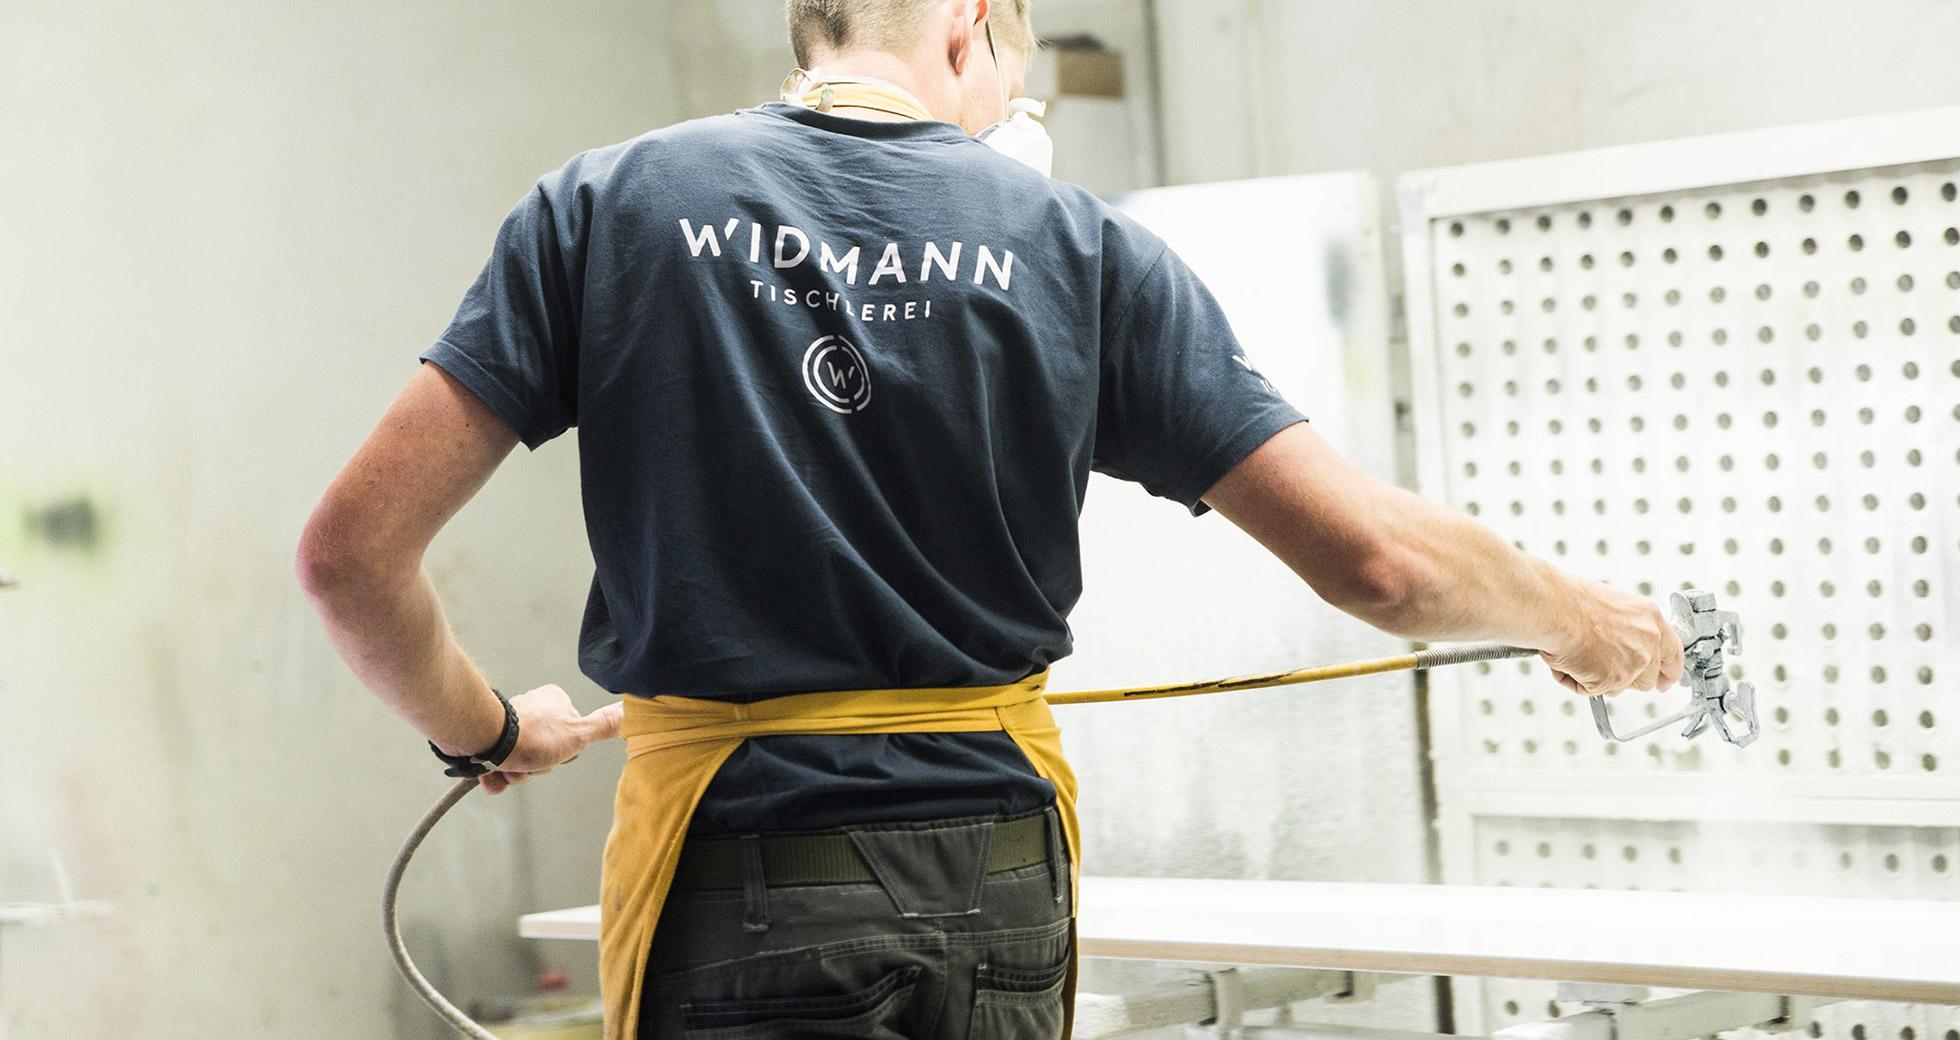 widmann-tischlerei-lux-04.jpg